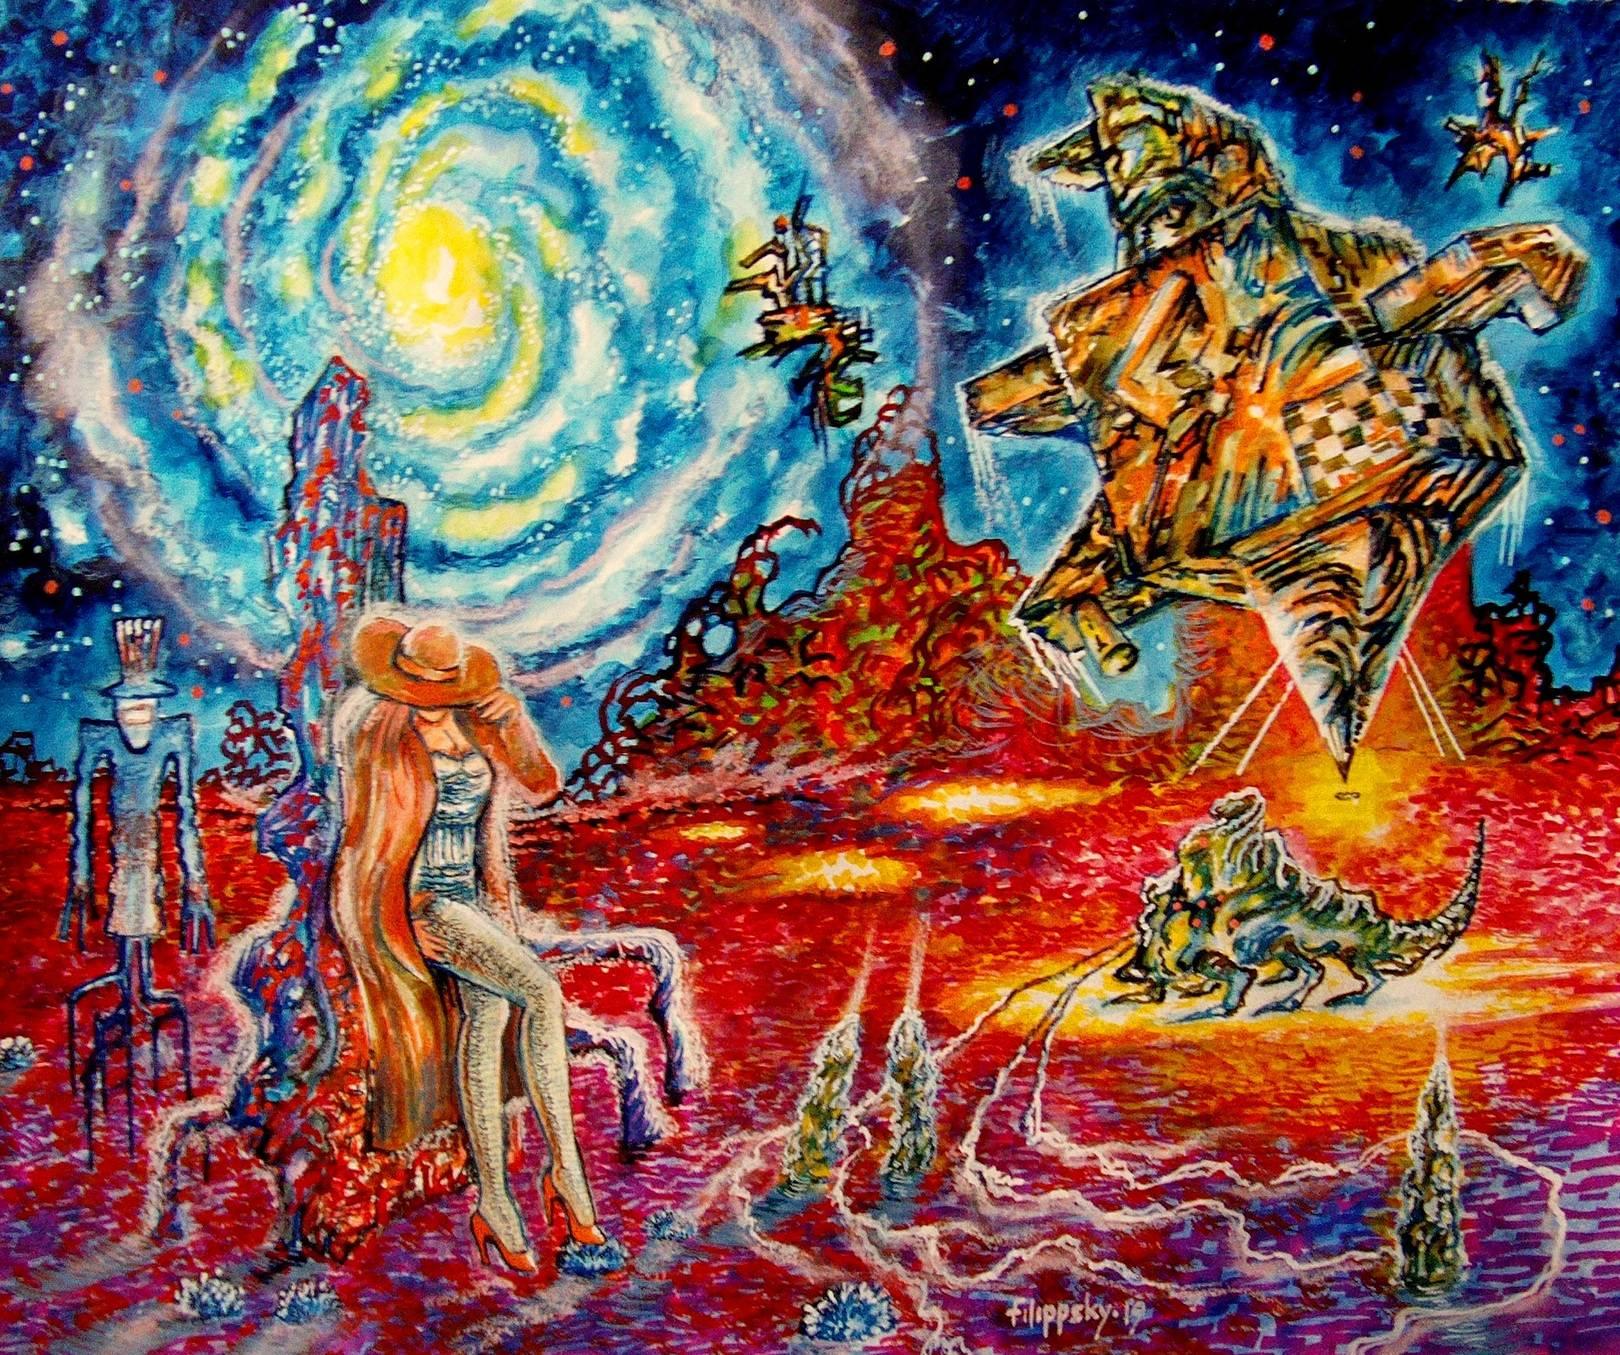 Одинокая девушка и пришелец в шляпе в красной пустыне на фоне галактики.